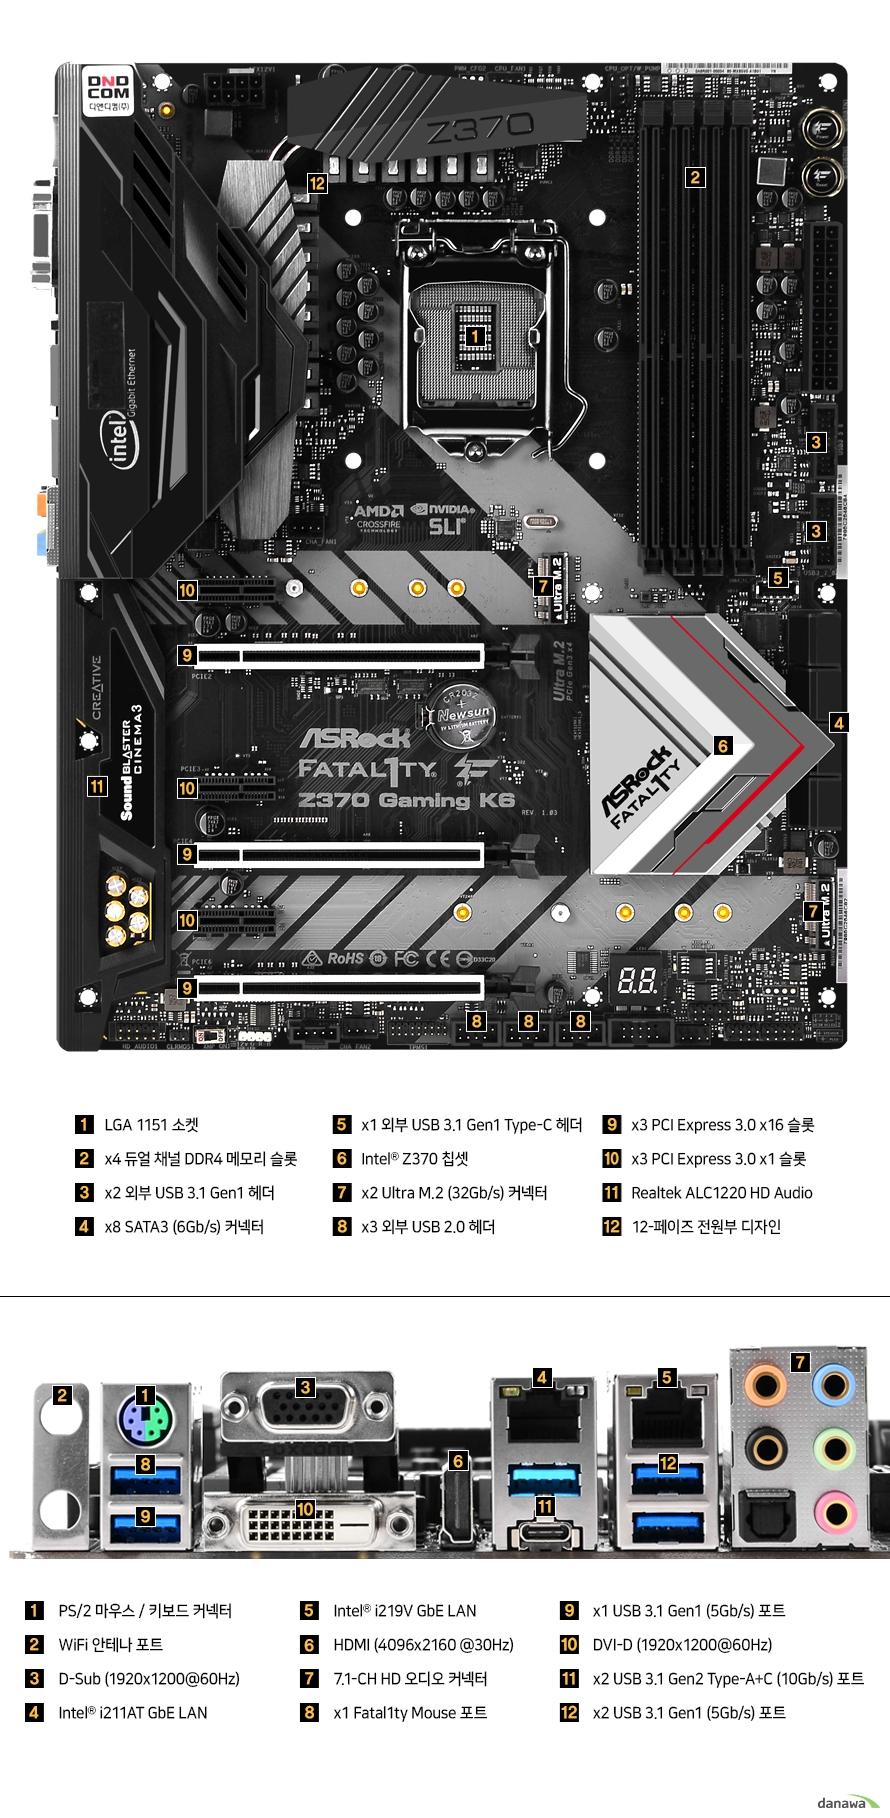 LGA 1151 소켓 x4 듀얼 채널 DDR4 메모리 슬롯 x2 외부 USB 3.1 gen1 헤더 x8 SATA3 (6Gb/s) 커넥터 X1 외부 USB3.1 Gen1 타입 C 헤더 Intel® Z370 칩셋 x2 Ultra M.2 (32Gb/s) 커넥터 x3 외부 USB 2.0 헤더 x3 PCI Express 3.0 x16 슬롯 x3 PCI Express 3.0 x1 슬롯 Realtek ALC1220 HD Audio 12-페이즈 전원부 디자인   PS2 마우스 및 키보드 커넥터 와이파이 안테나 포트 D SUB 포트 최대 해상도 1920 1200 60헤르츠 인텔 I211AT 기가비트 랜 인텔 I219V 기가비트 랜 HDMI포트 최대 해상도 4096 2160 30헤르츠 7.1 채널 HD 오디오 커넥터 페이탈리티 마우스 포트 1개 USB 3.1 GEN1 포트 1개 DVI D 1920 1200 60헤르츠 USB 3.1 GEN2 TYPE A 포트 1개 USB 3.1 GEN2 TYPE C 포트 1개 USB 3.1 GEN1 포트 2개